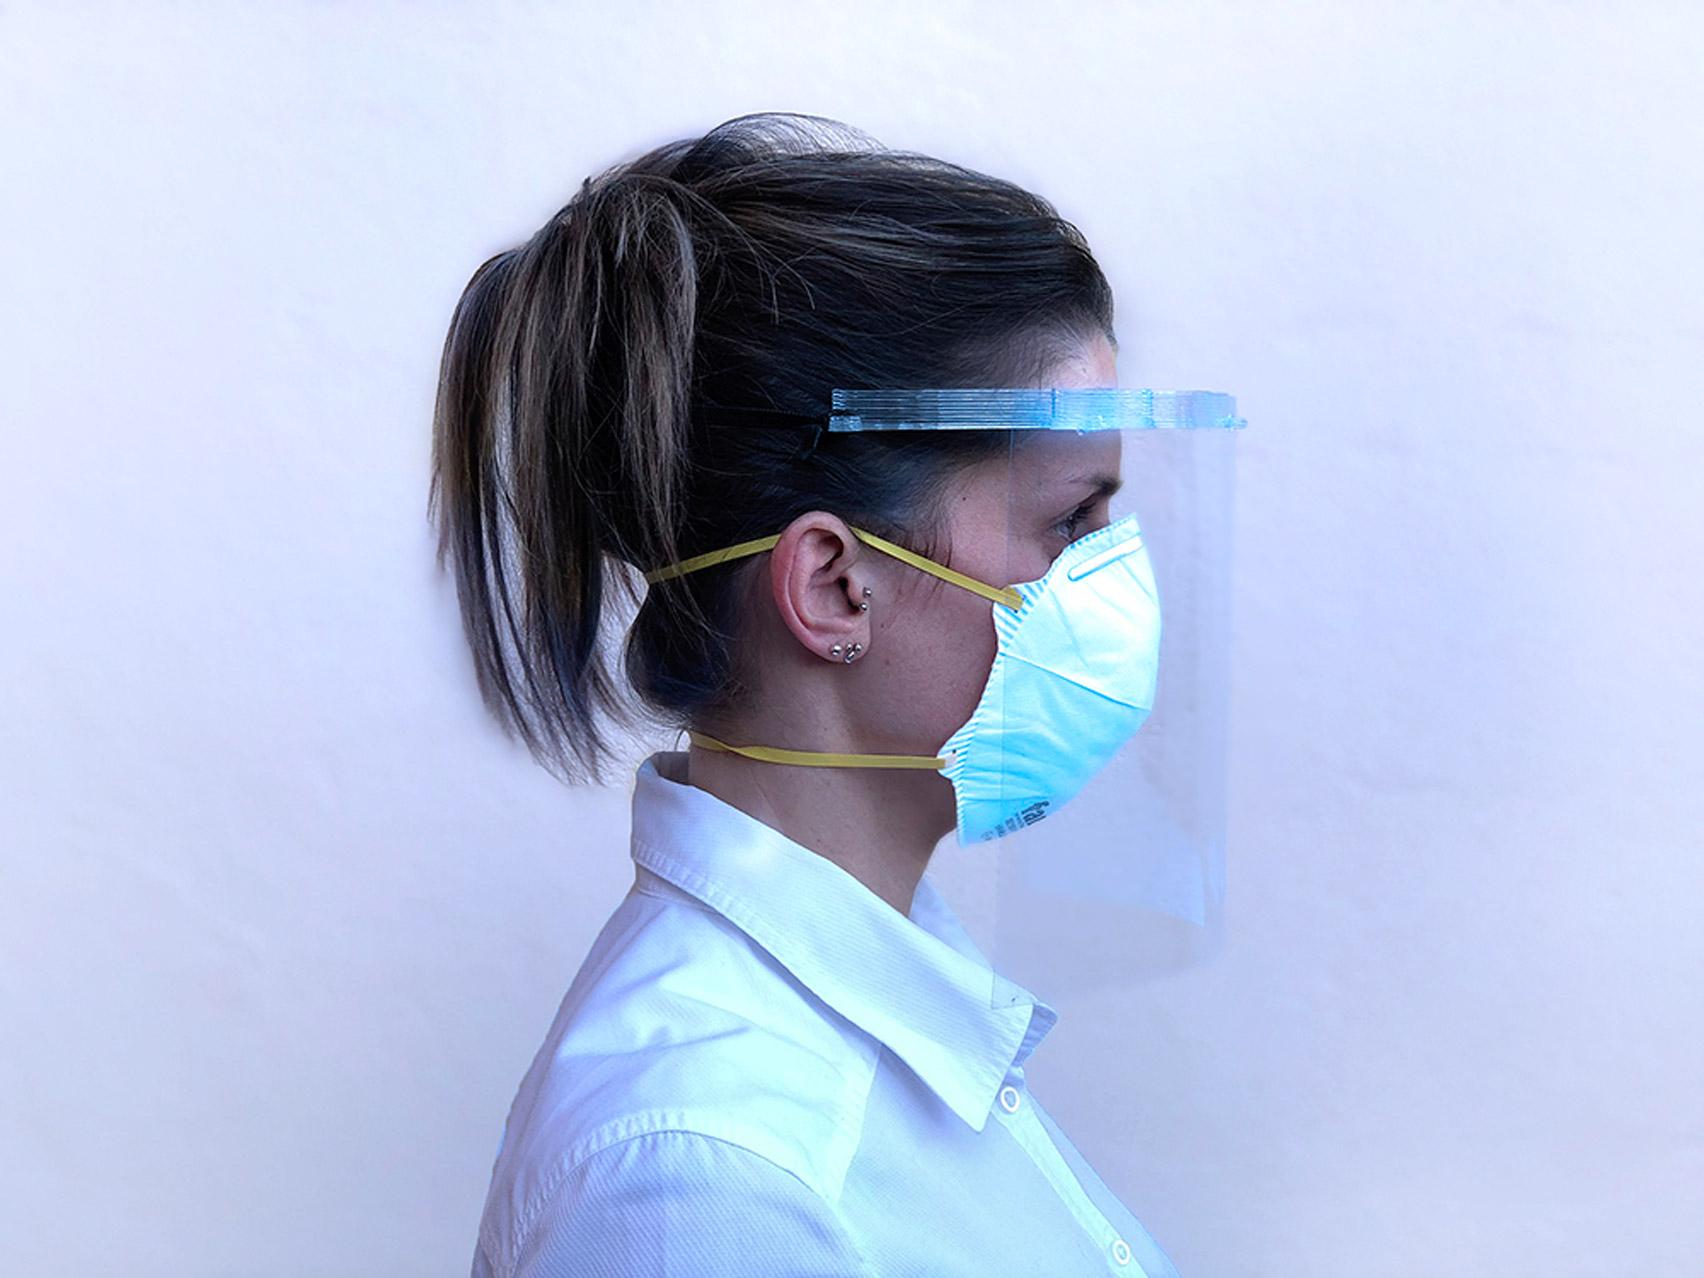 شركة إسبانية تبتكردروعا للوجه ثلاثية الأبعاد للطواقم الطبية التي تعالج مرضى الفيروسات التاجية